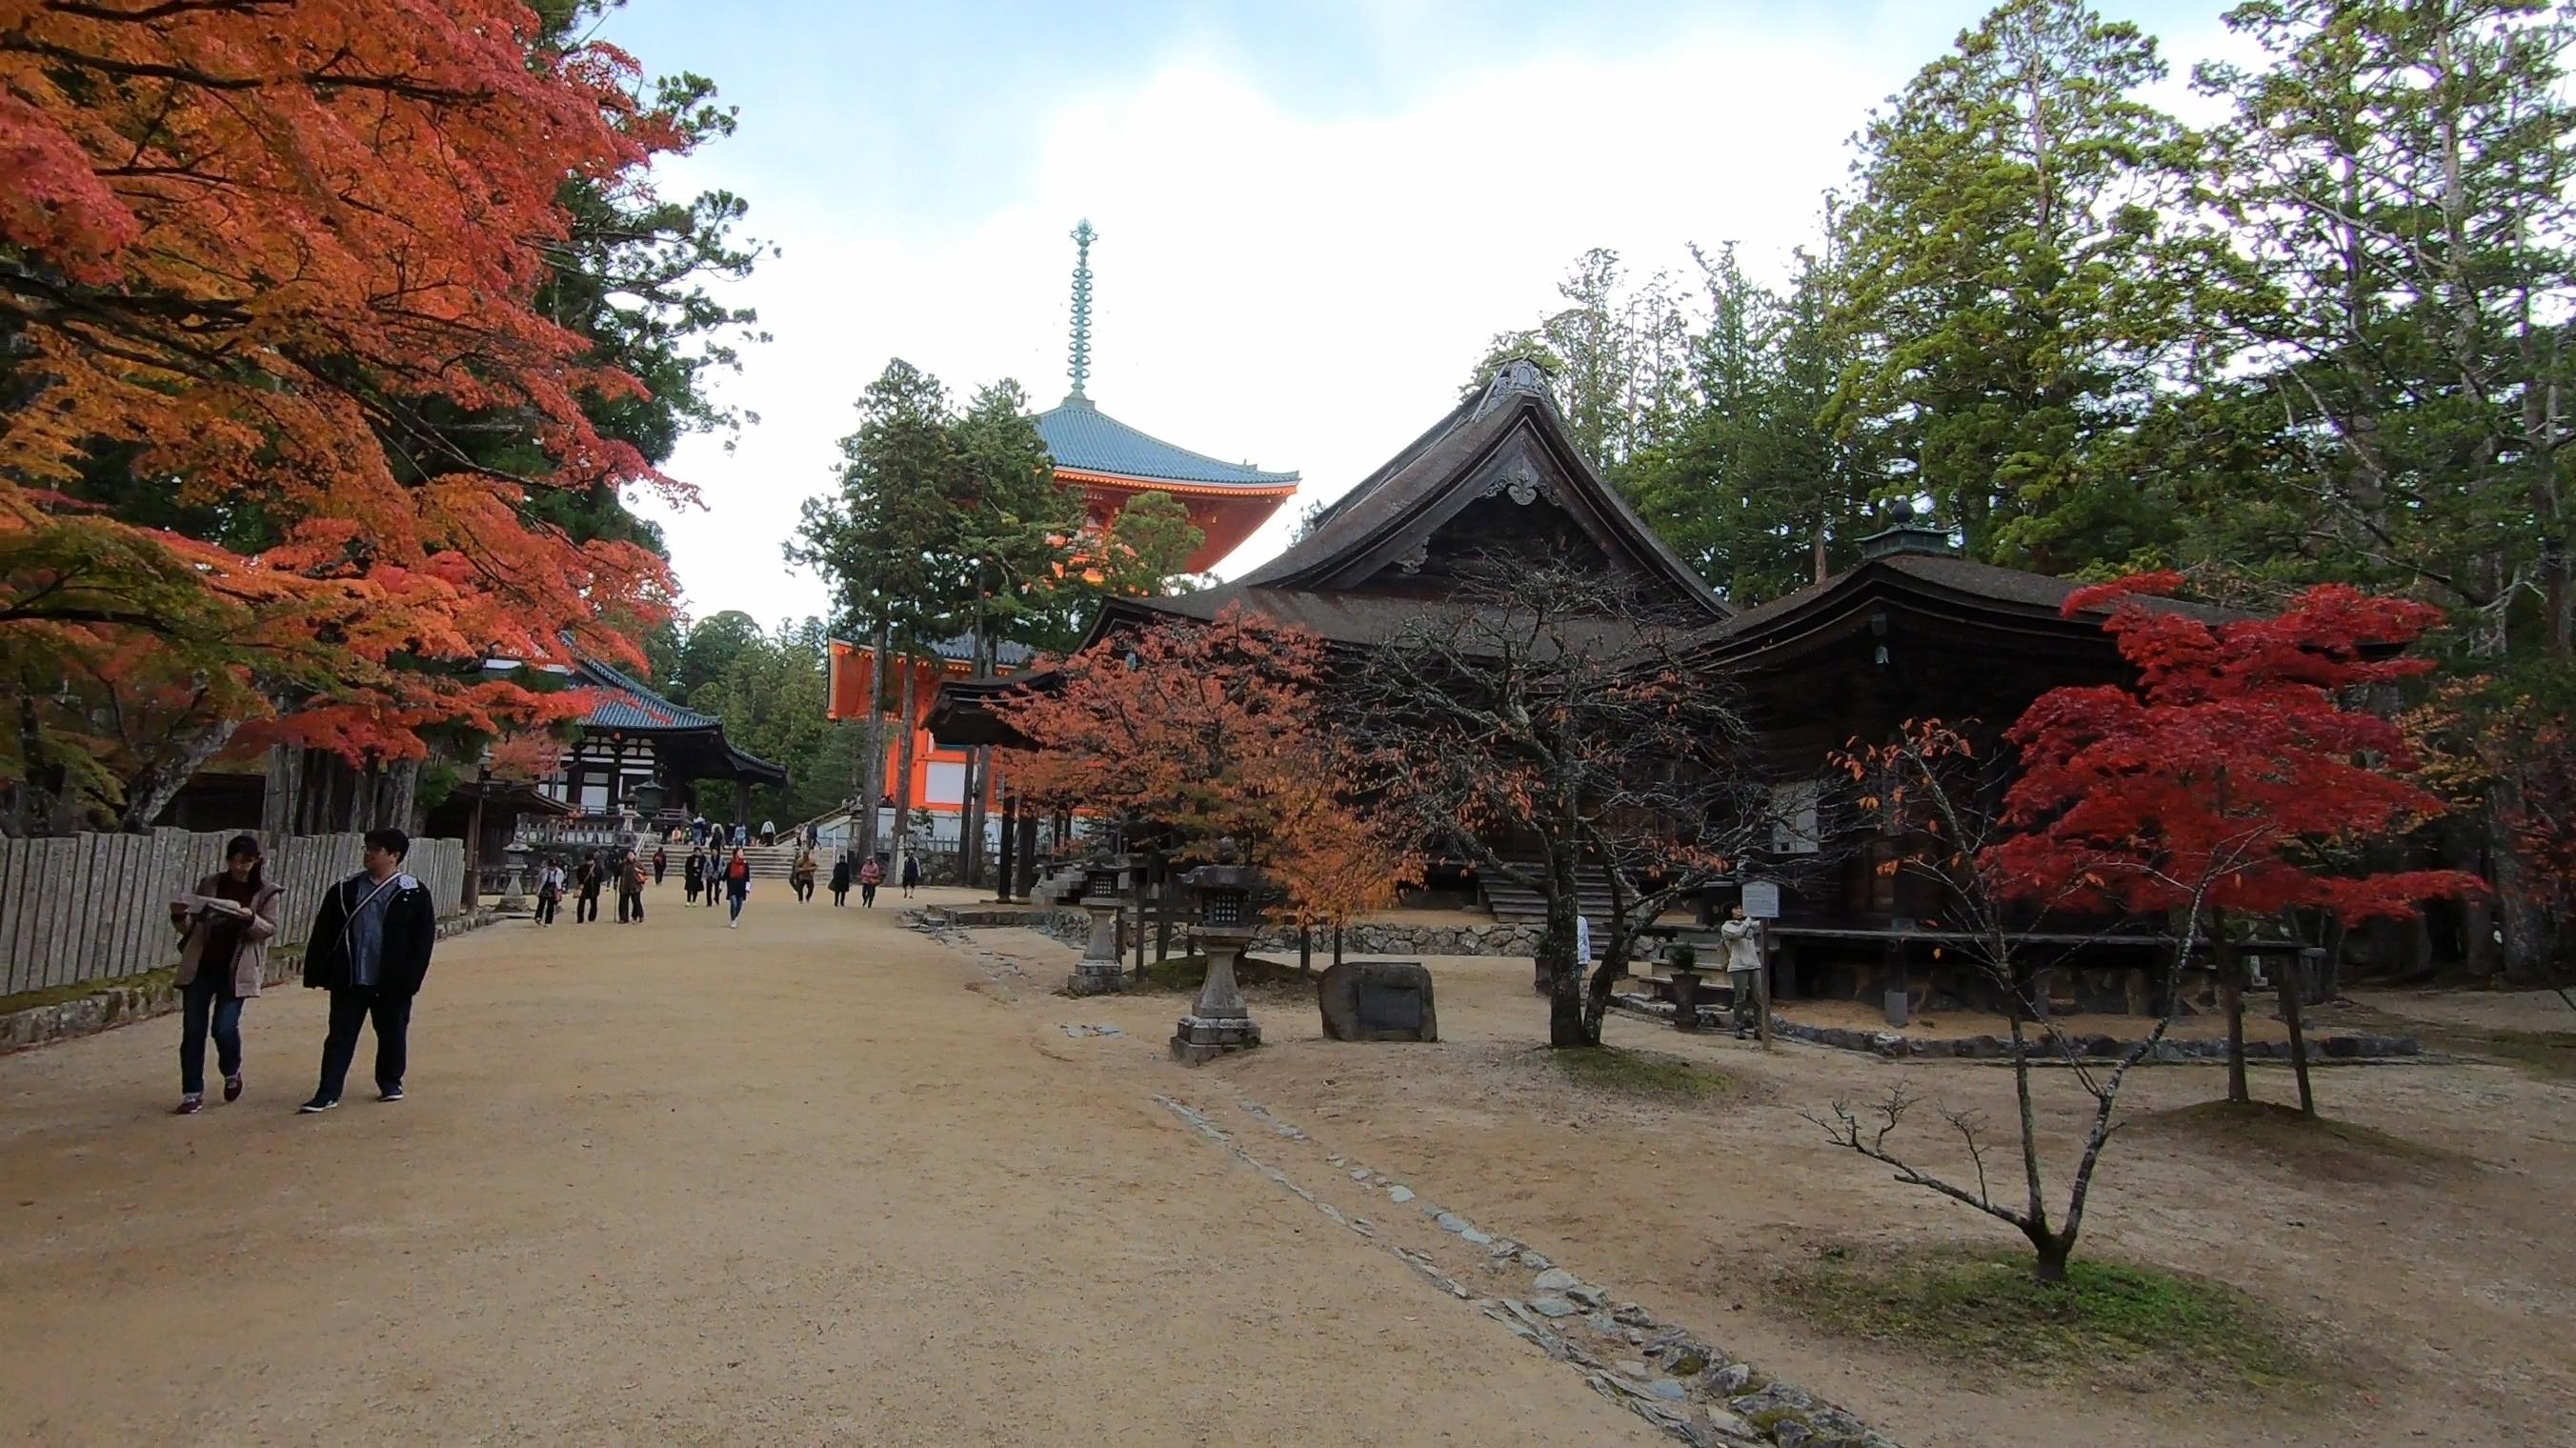 GH011850 関西でいち早く紅葉に染まる高野山へカメラ旅!